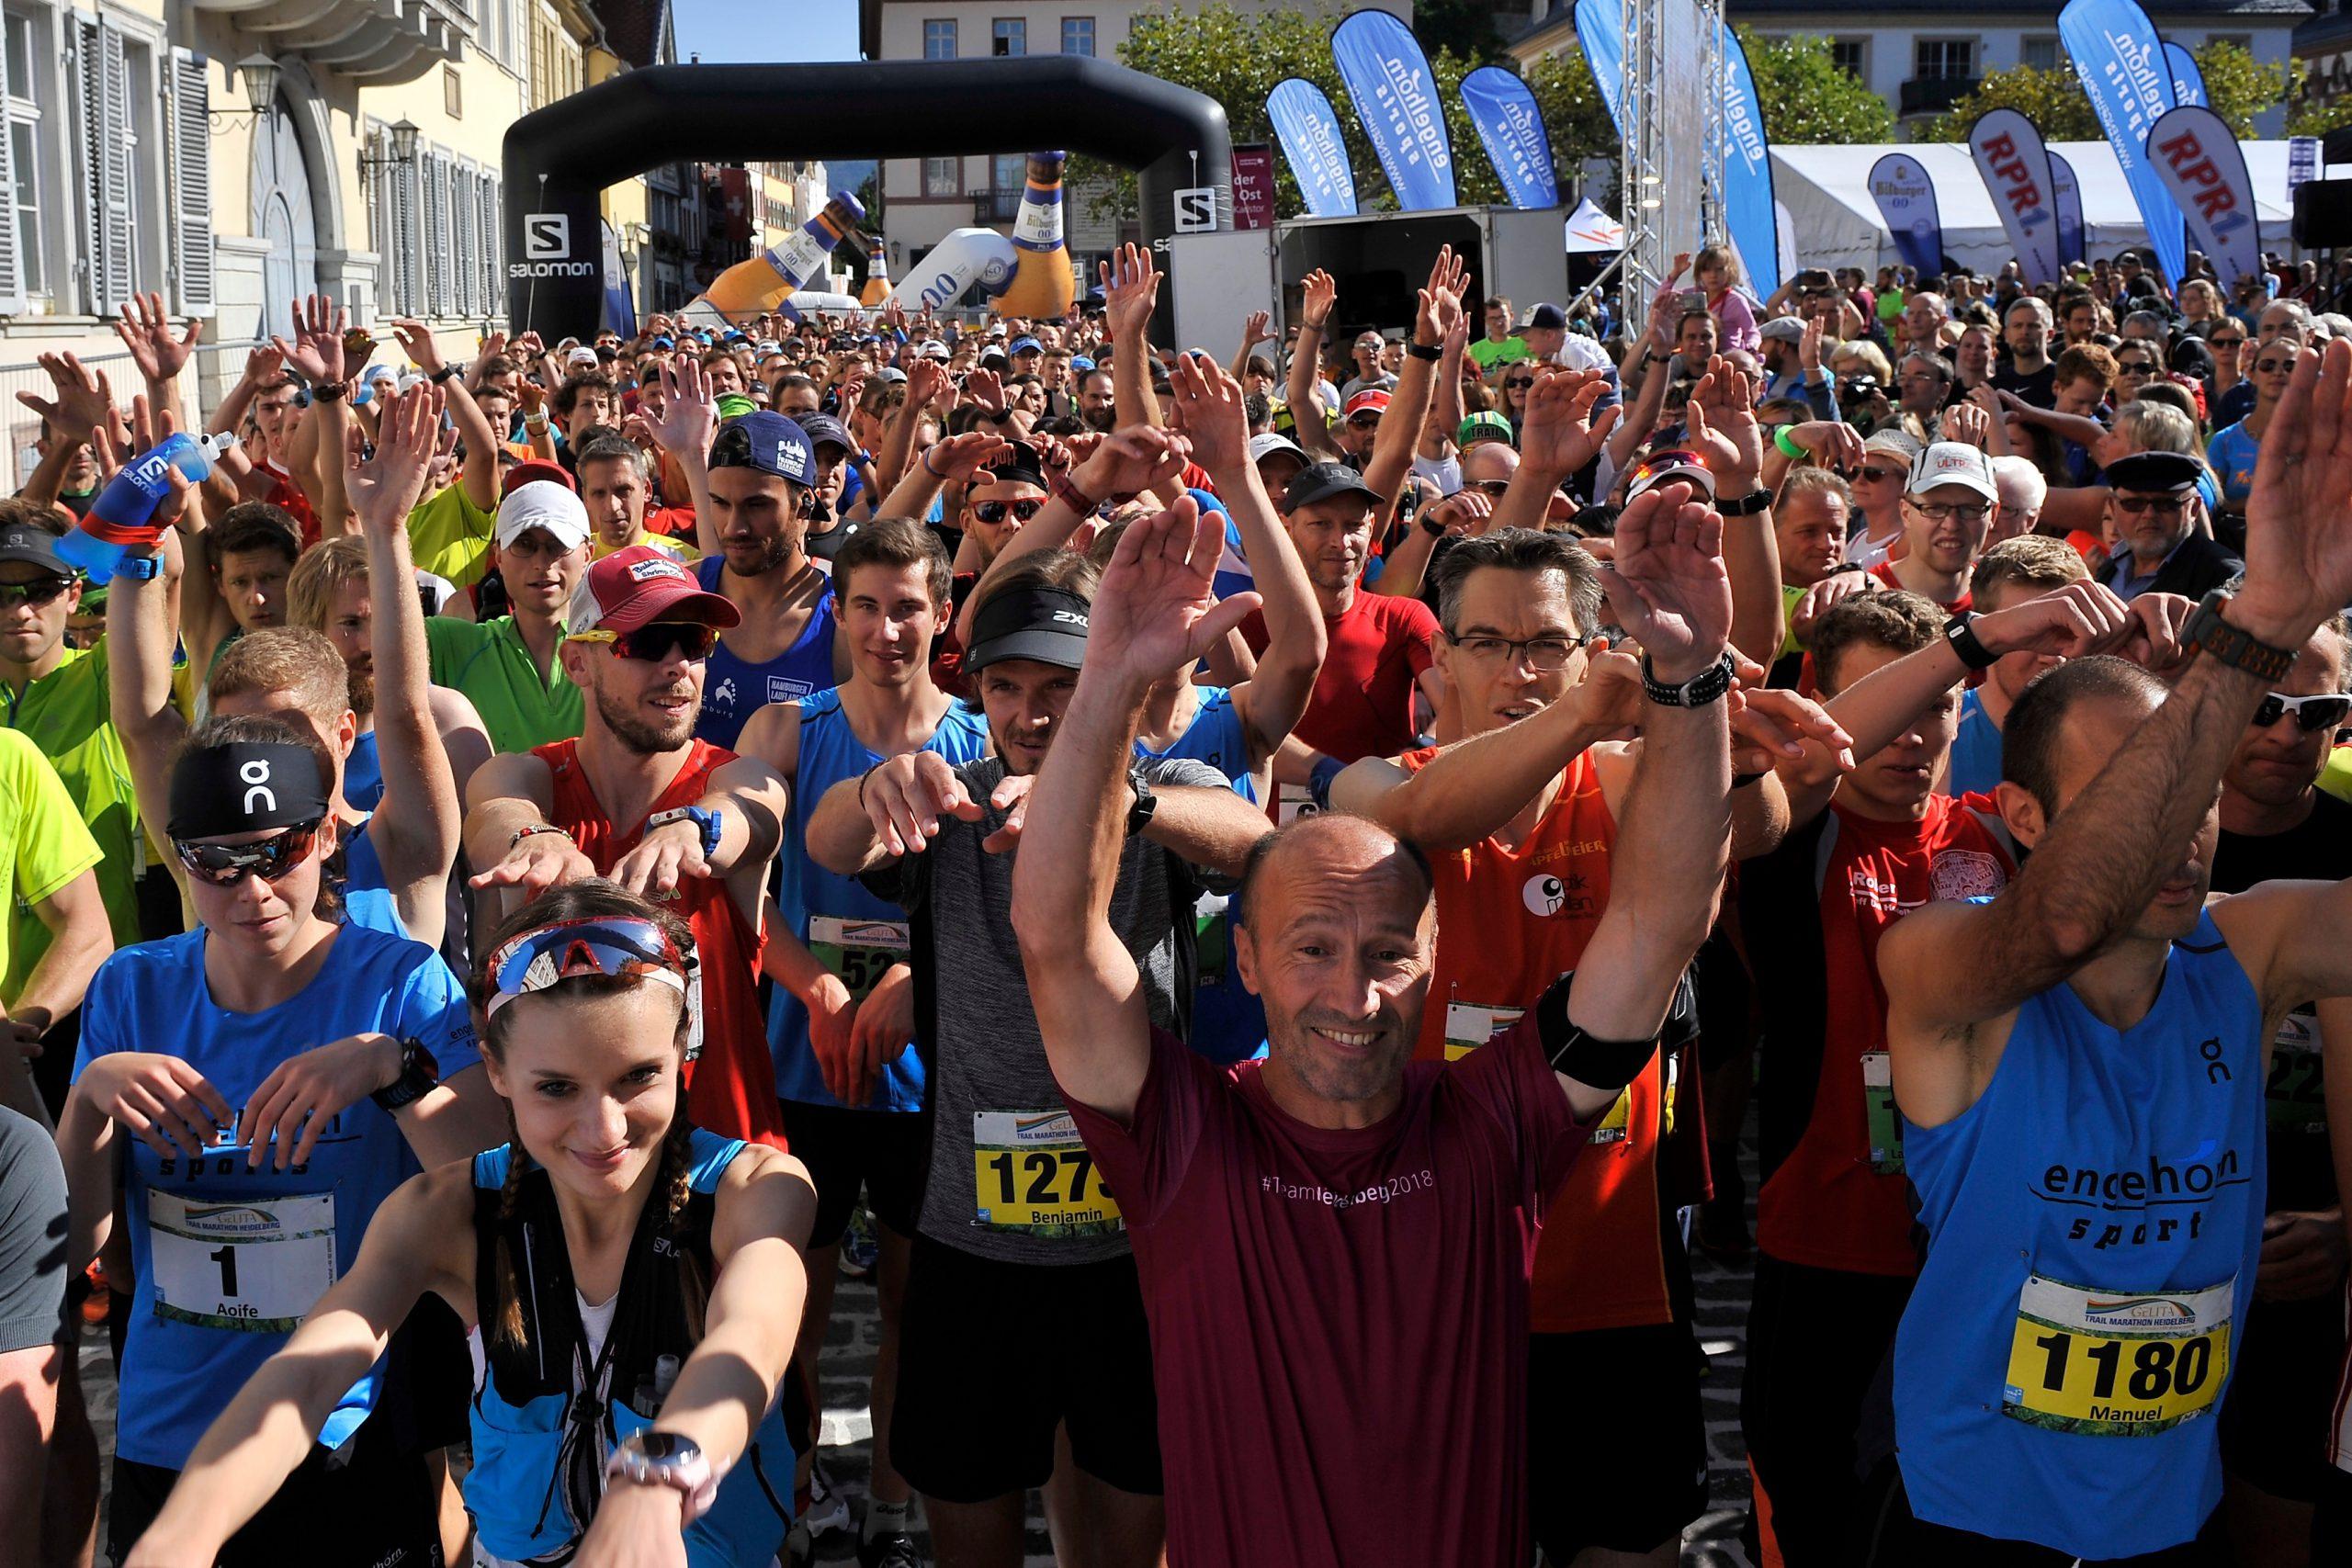 engelhorn sports und Salomon präsentieren: Trailcup 2019